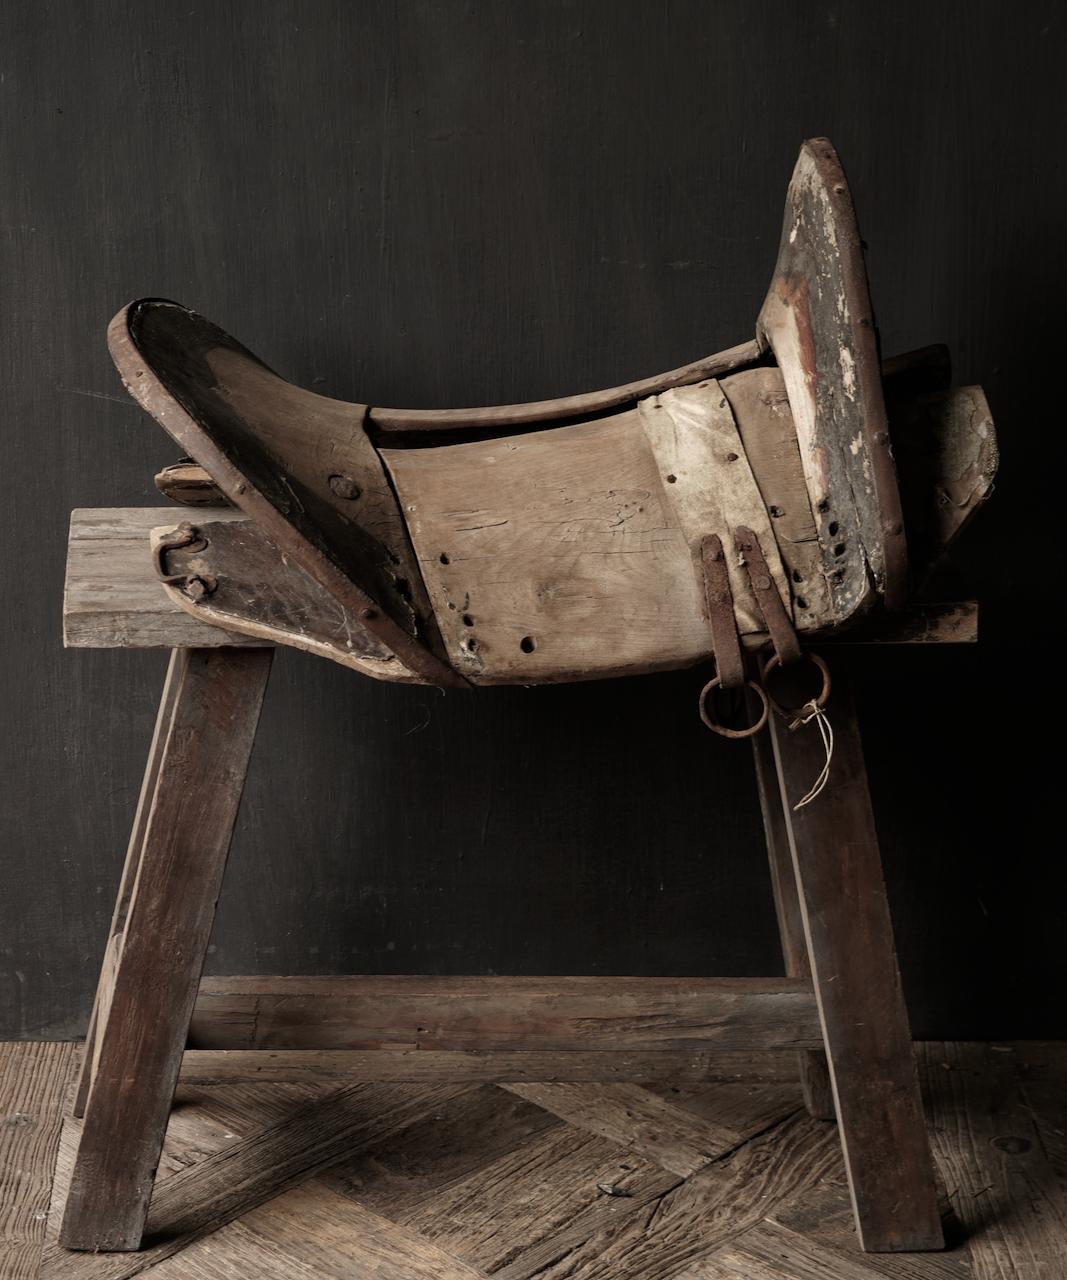 Antiker alter Einzigartiger Holzsattel-4